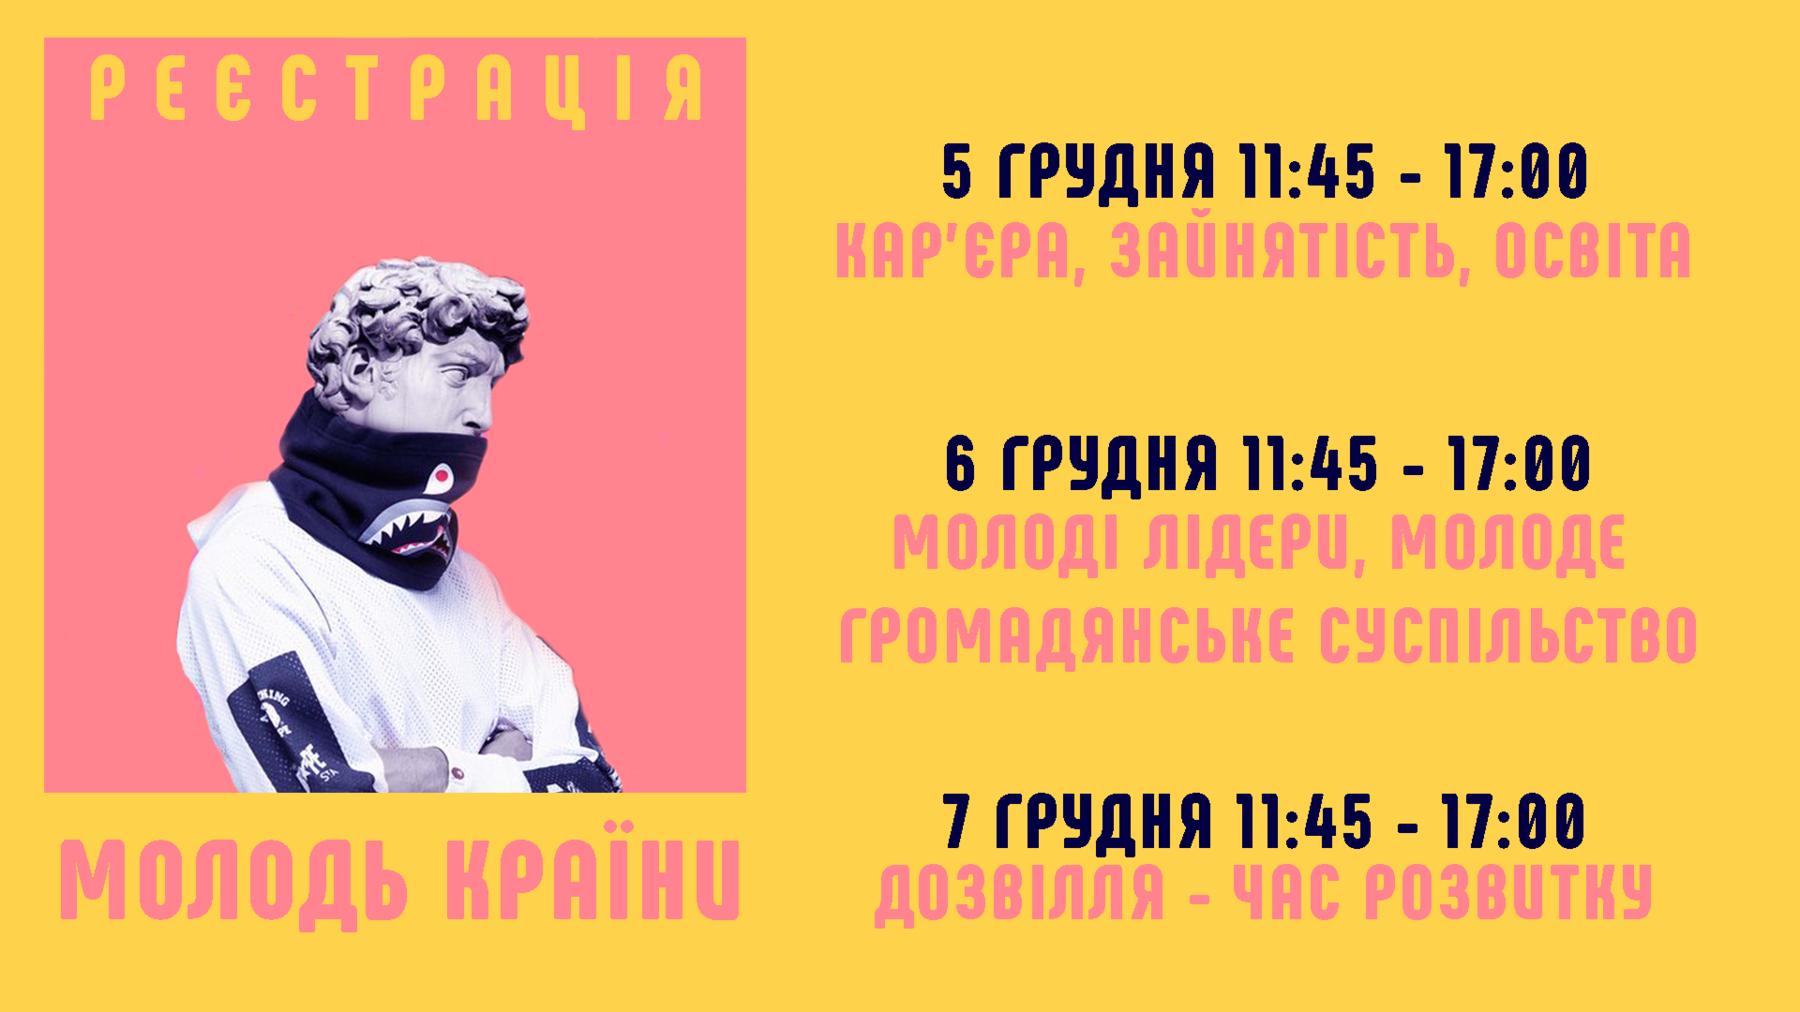 В Запорожье на молодежном форуме с концертом выступит Ярмарк, – АФИША